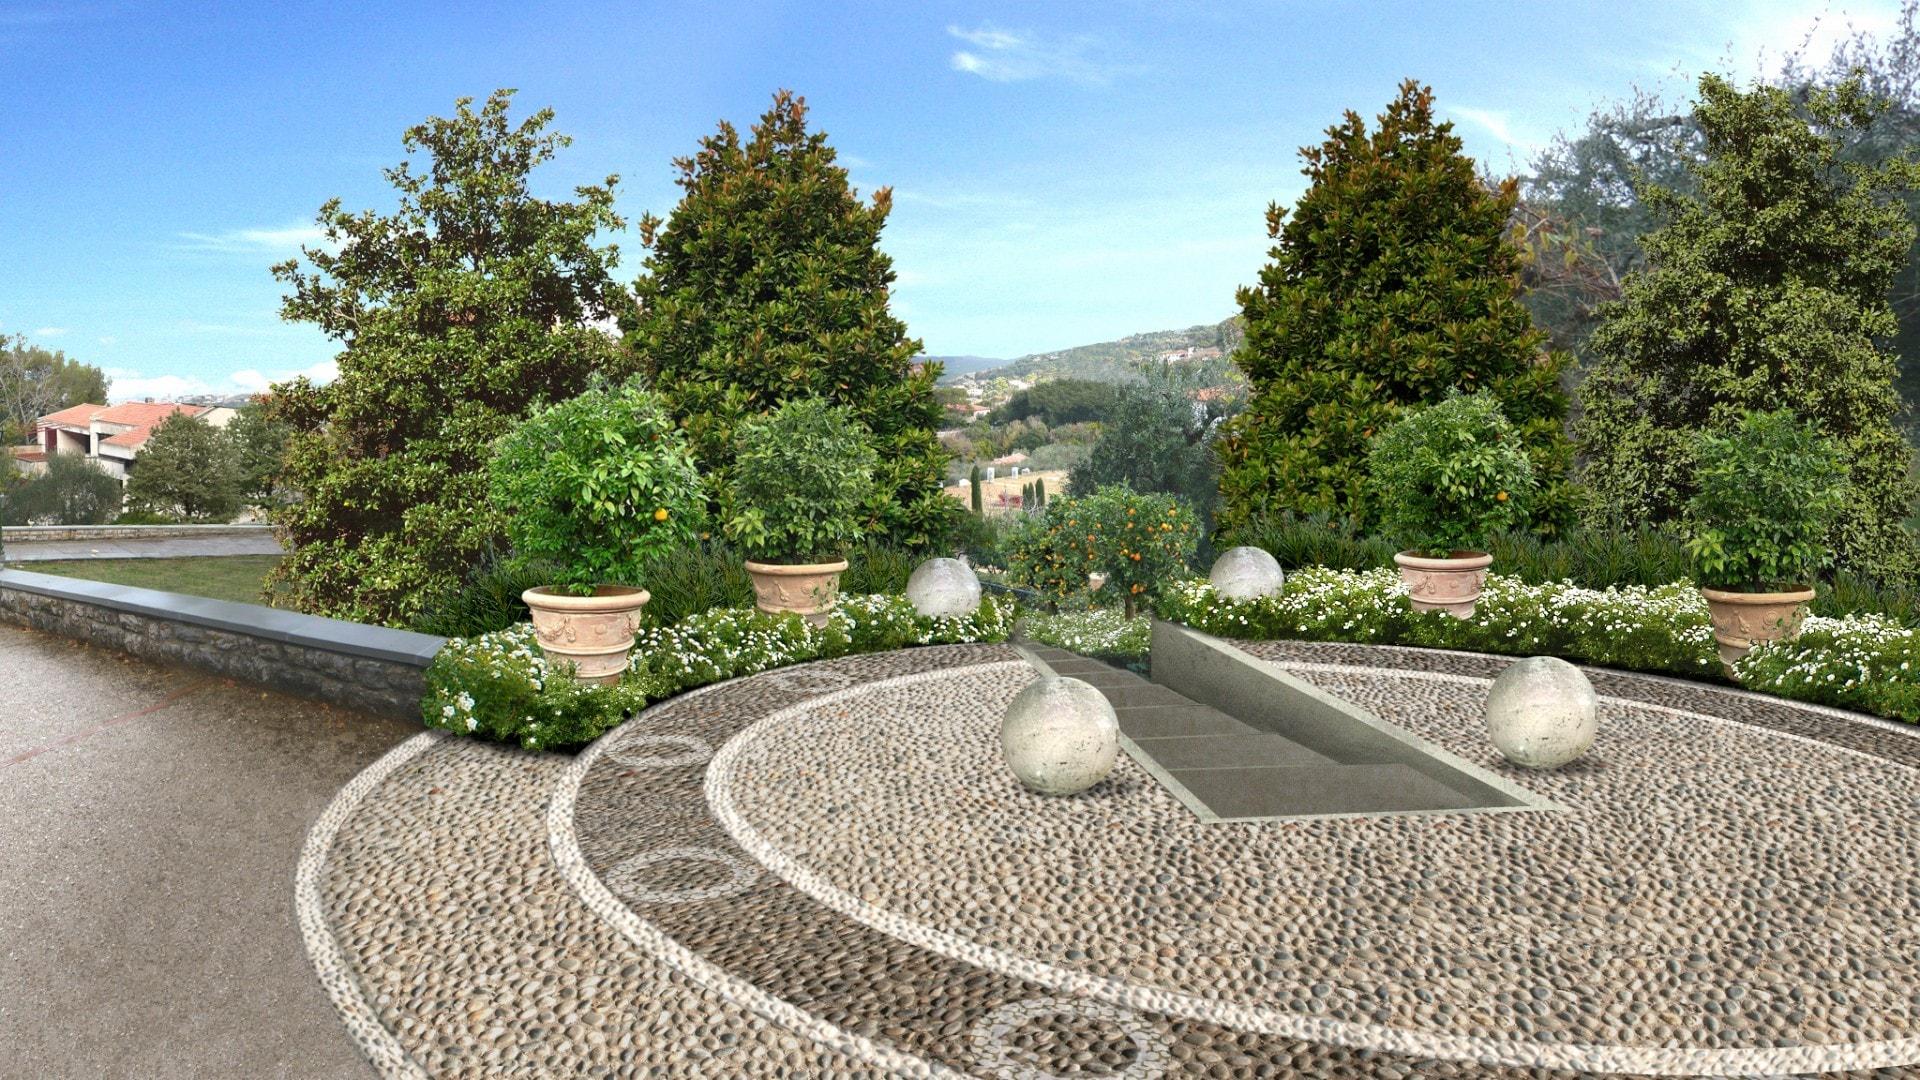 Giardino privato livorno una terrazza privilegiata sul - Progetto giardino privato ...